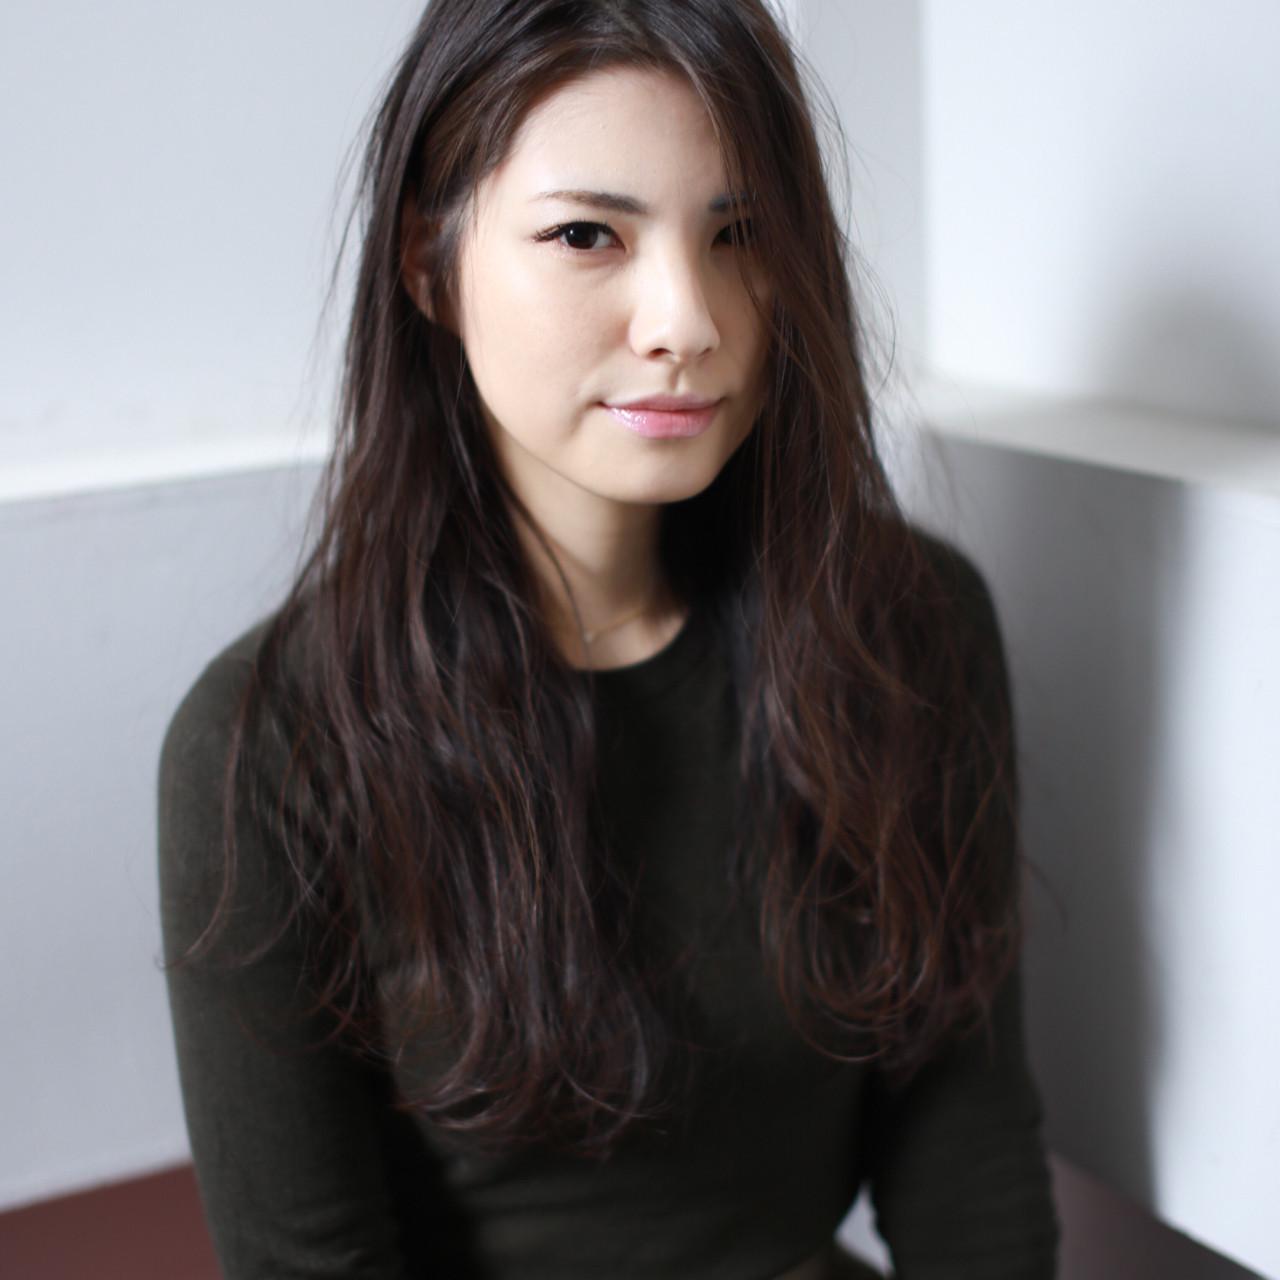 ロング 色気 ストレート 黒髪 ヘアスタイルや髪型の写真・画像